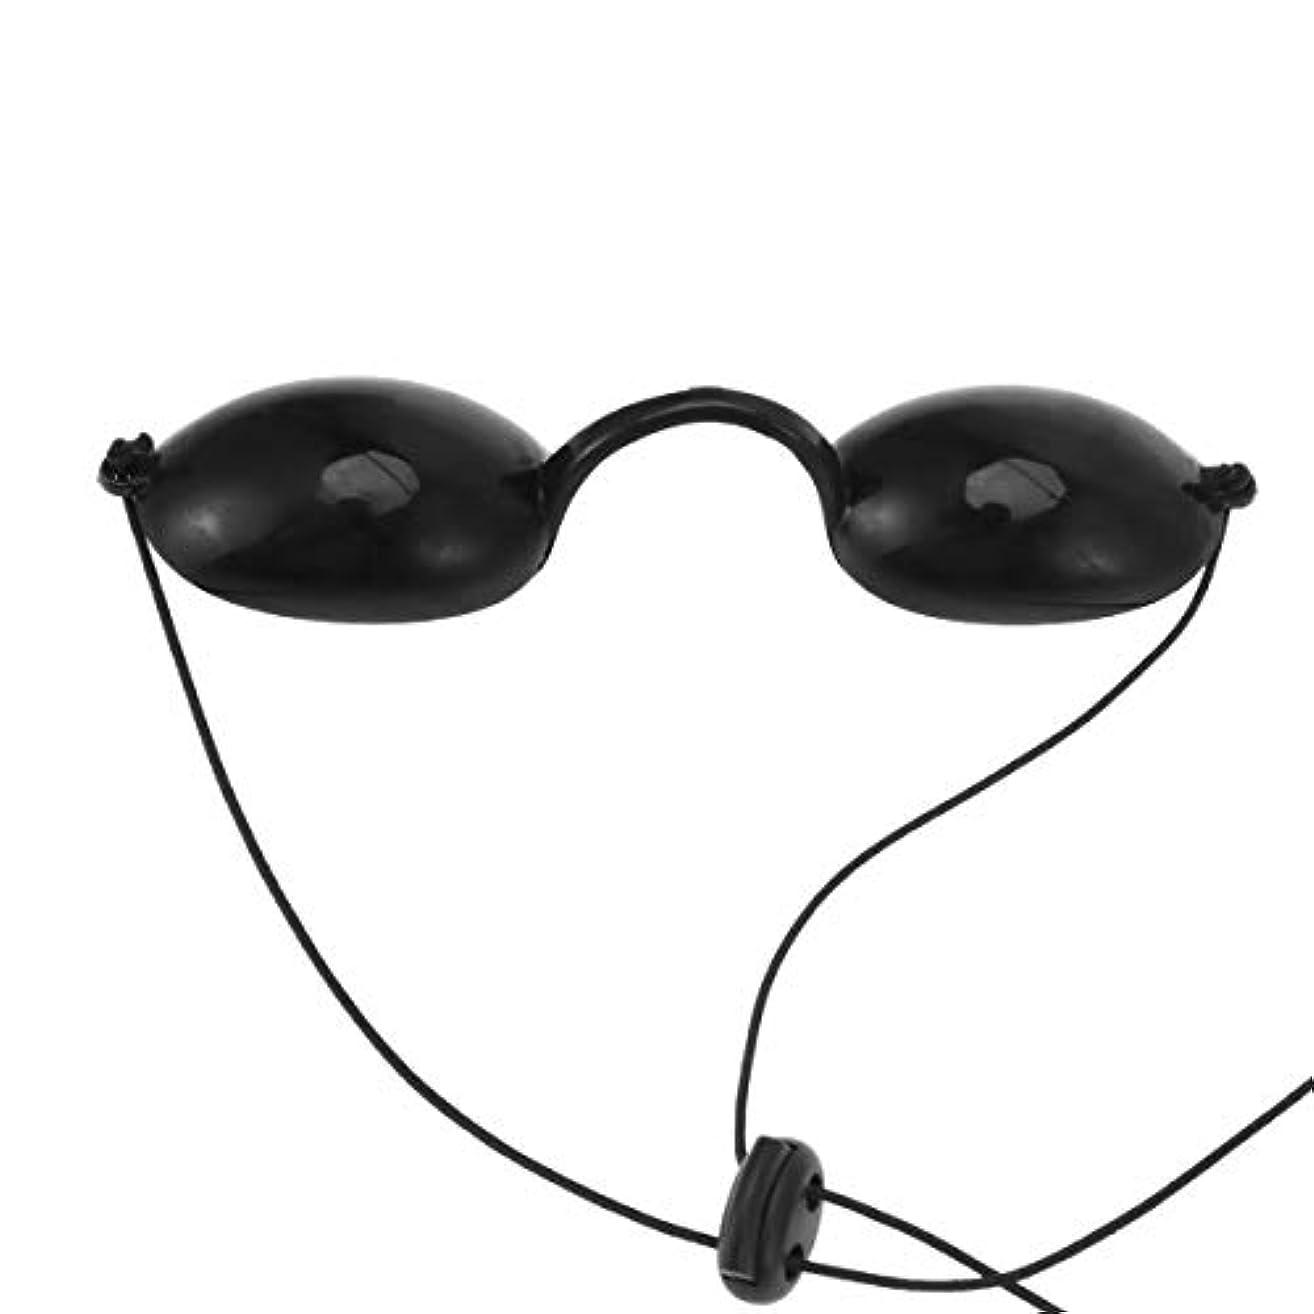 競争力のある巻き戻す気難しいHealifty 保護ゴーグルUVアイシールドIPL 安全保護UV赤外線LEDライトセラピー美容アイセラピー